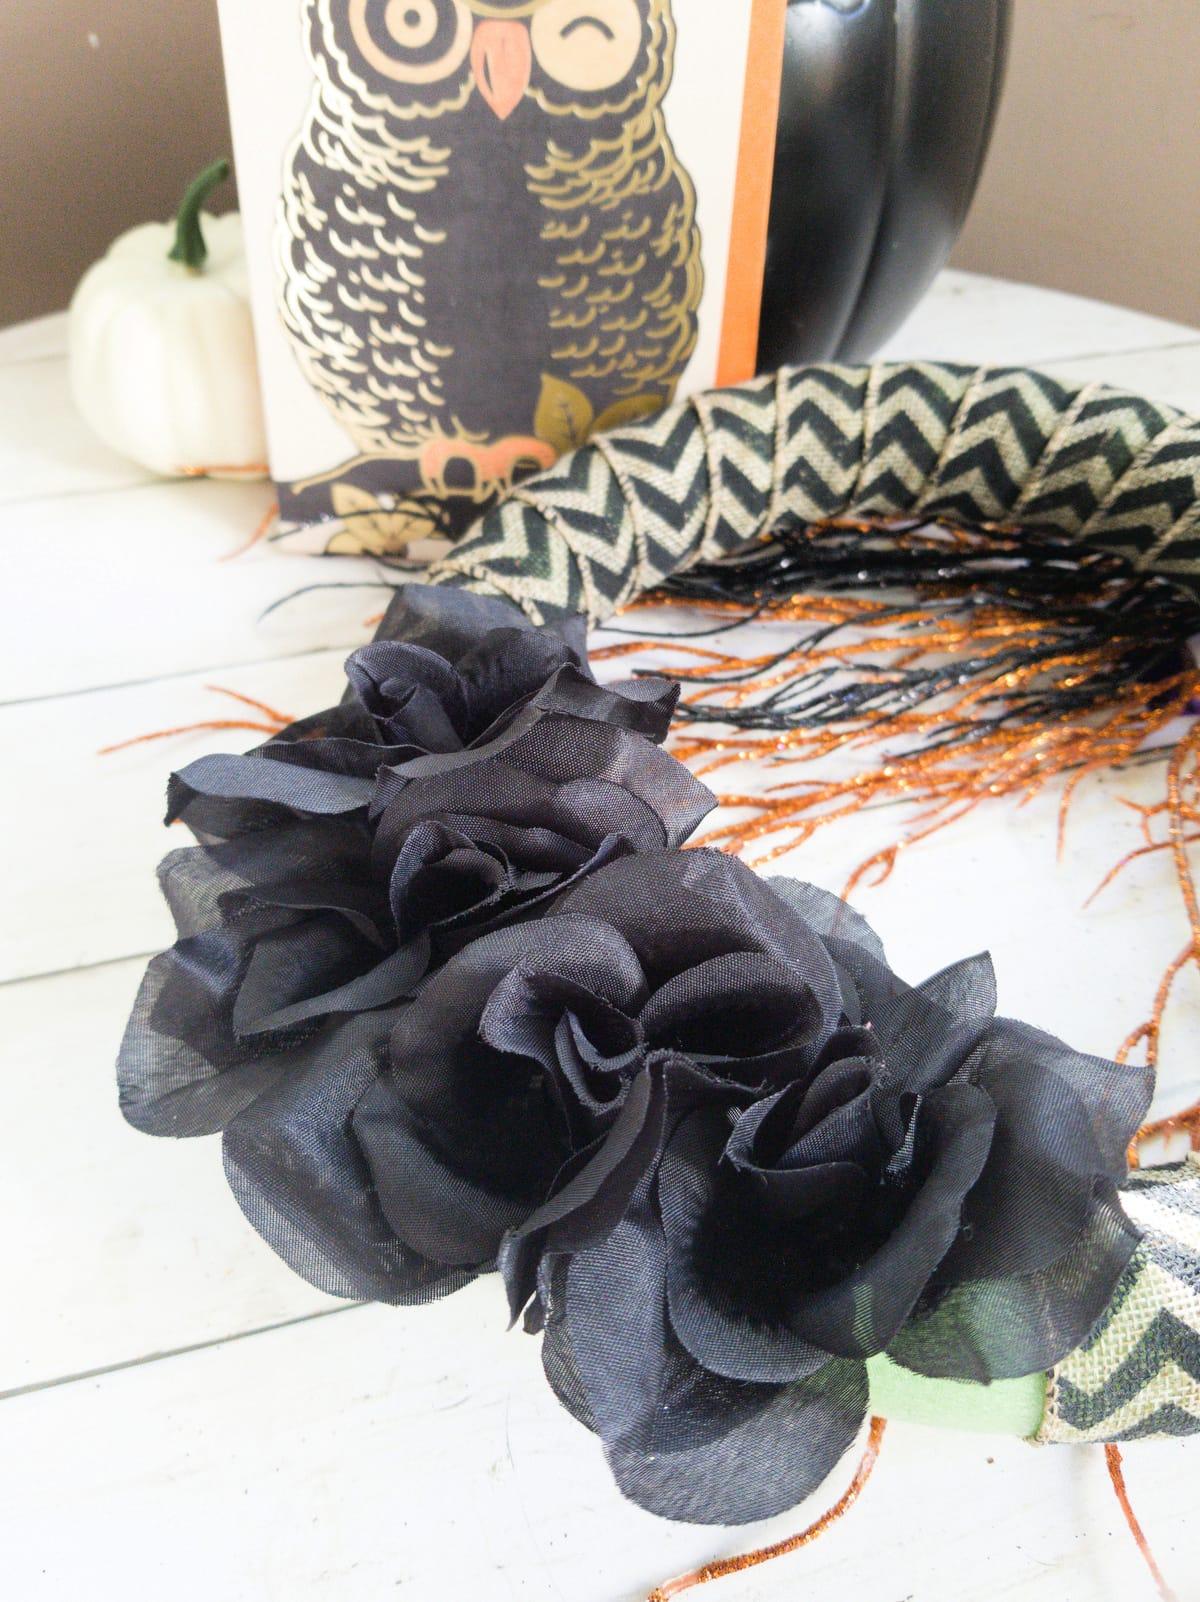 Wreath on table